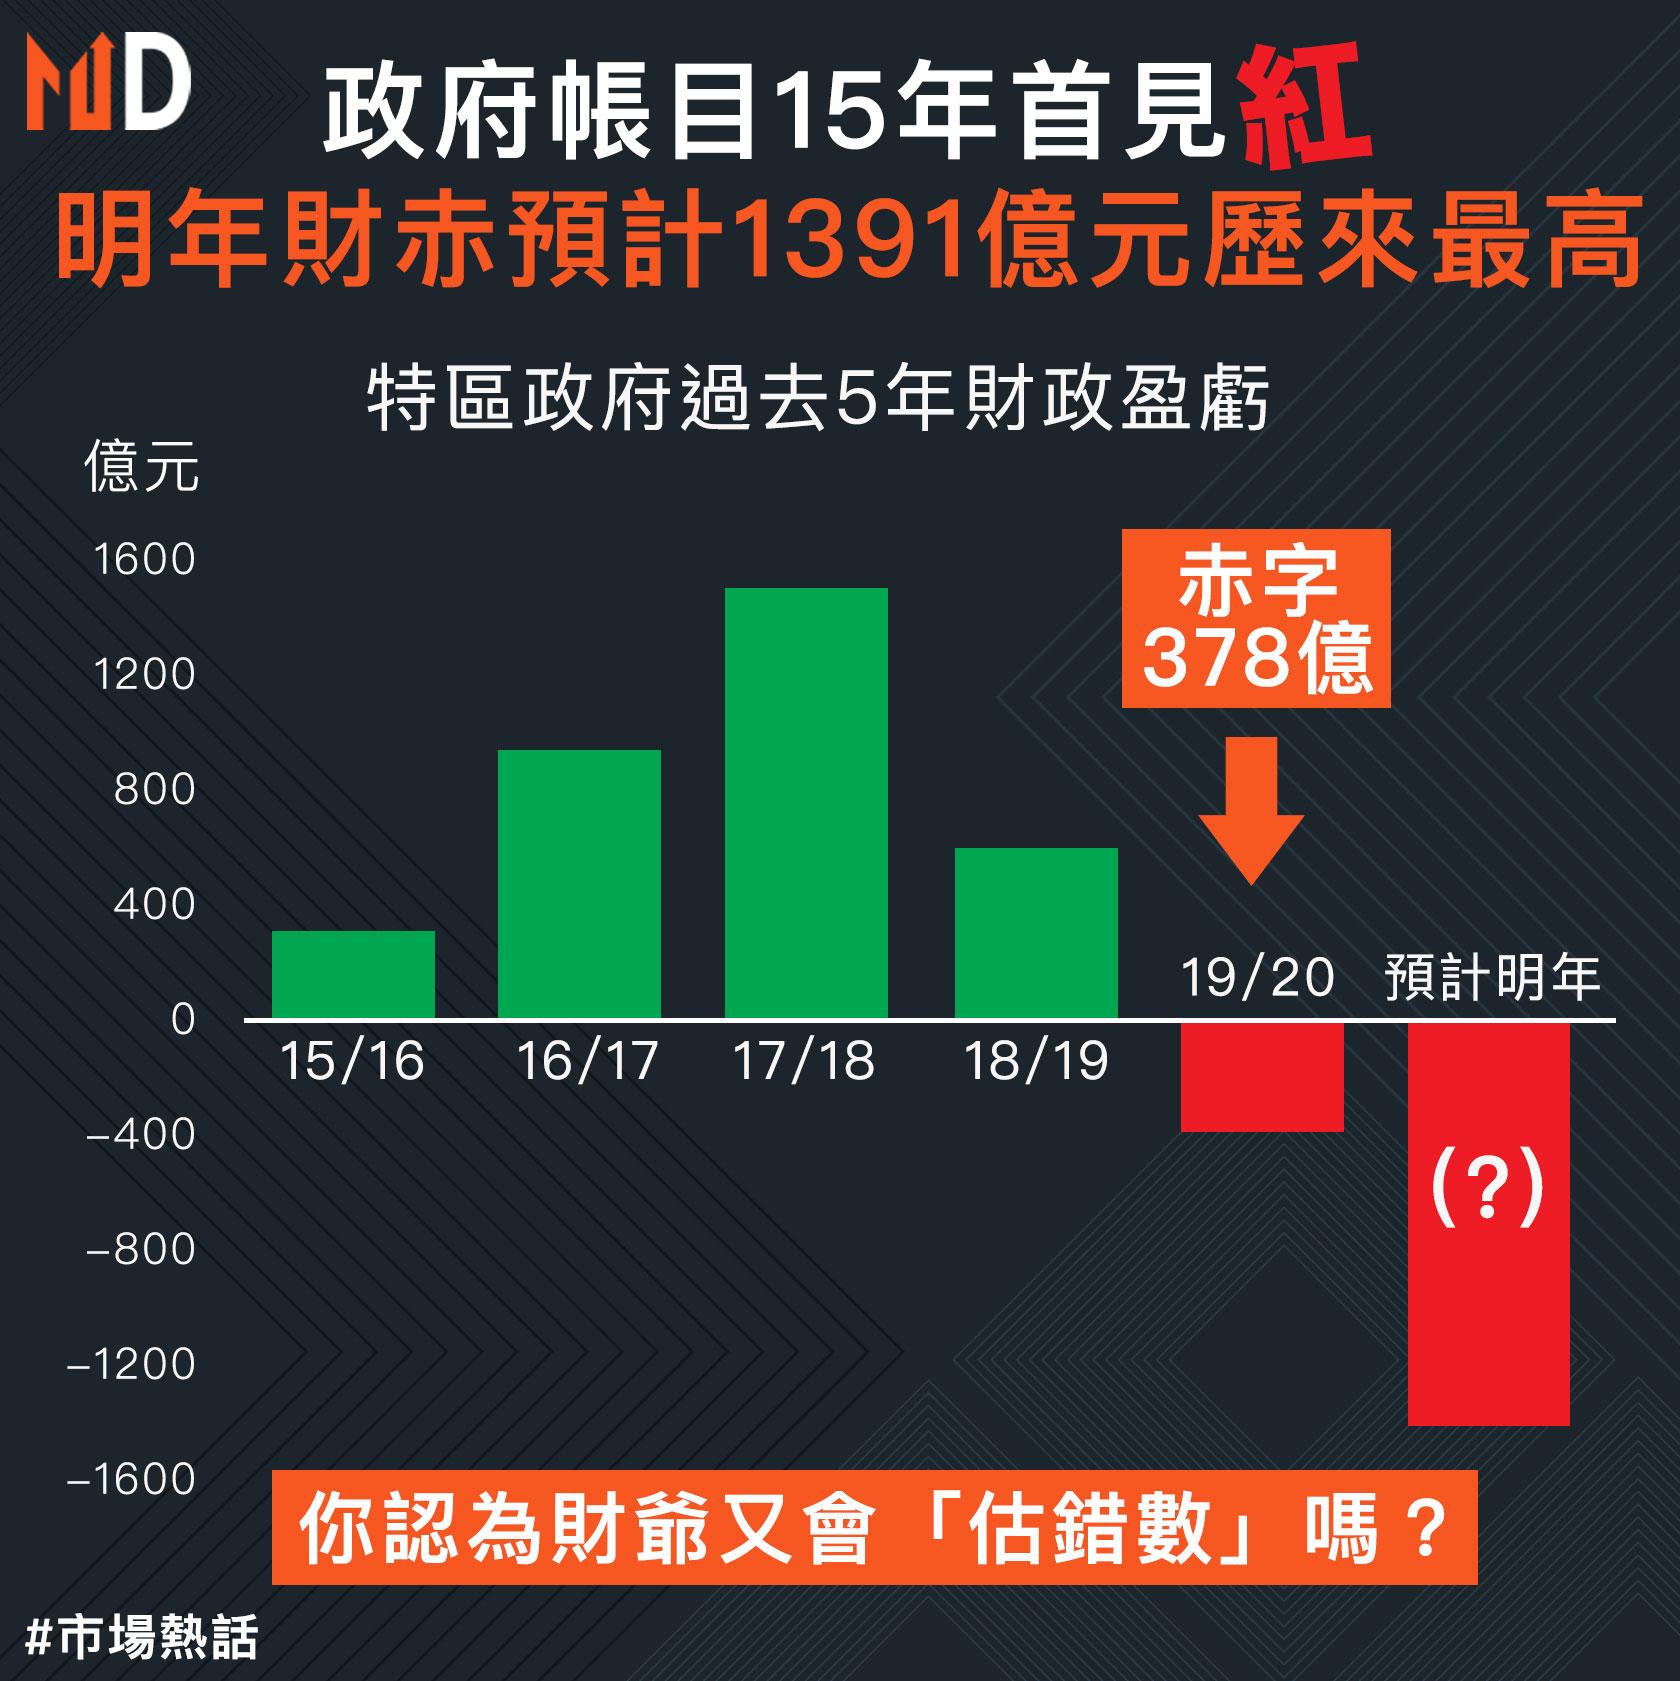 【市場熱話】政府帳目15年首見紅   明年財赤預計1391億元歷來最高